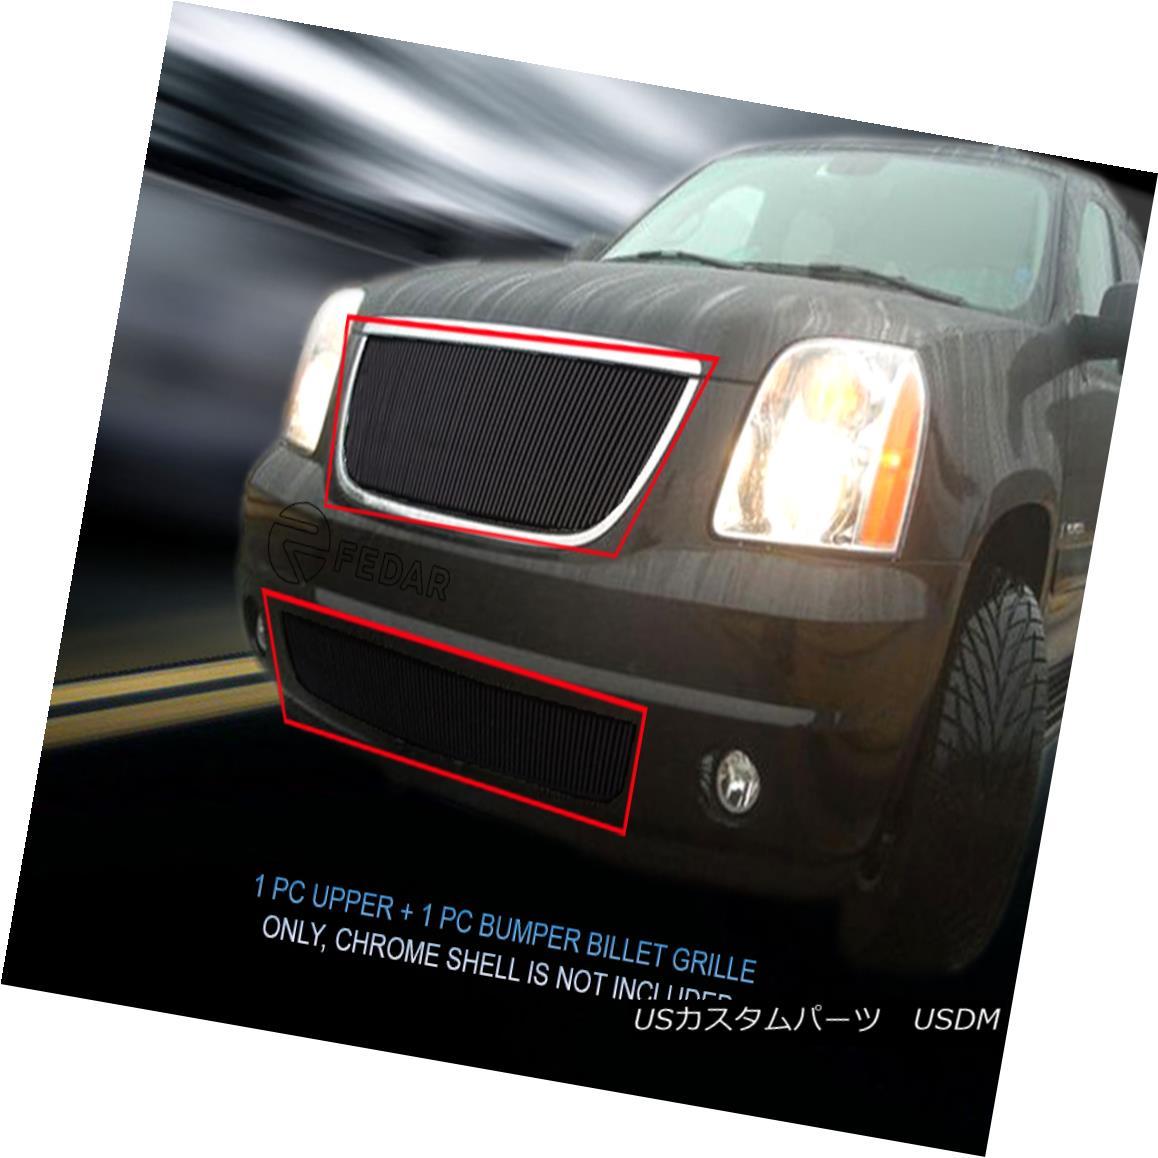 グリル Fedar Fits 07-13 GMC Yukon Combo Black Billet Grille Overlay Fedar Fits 07-13 GMC Yukon Comboブラックビレットグリルオーバーレイ